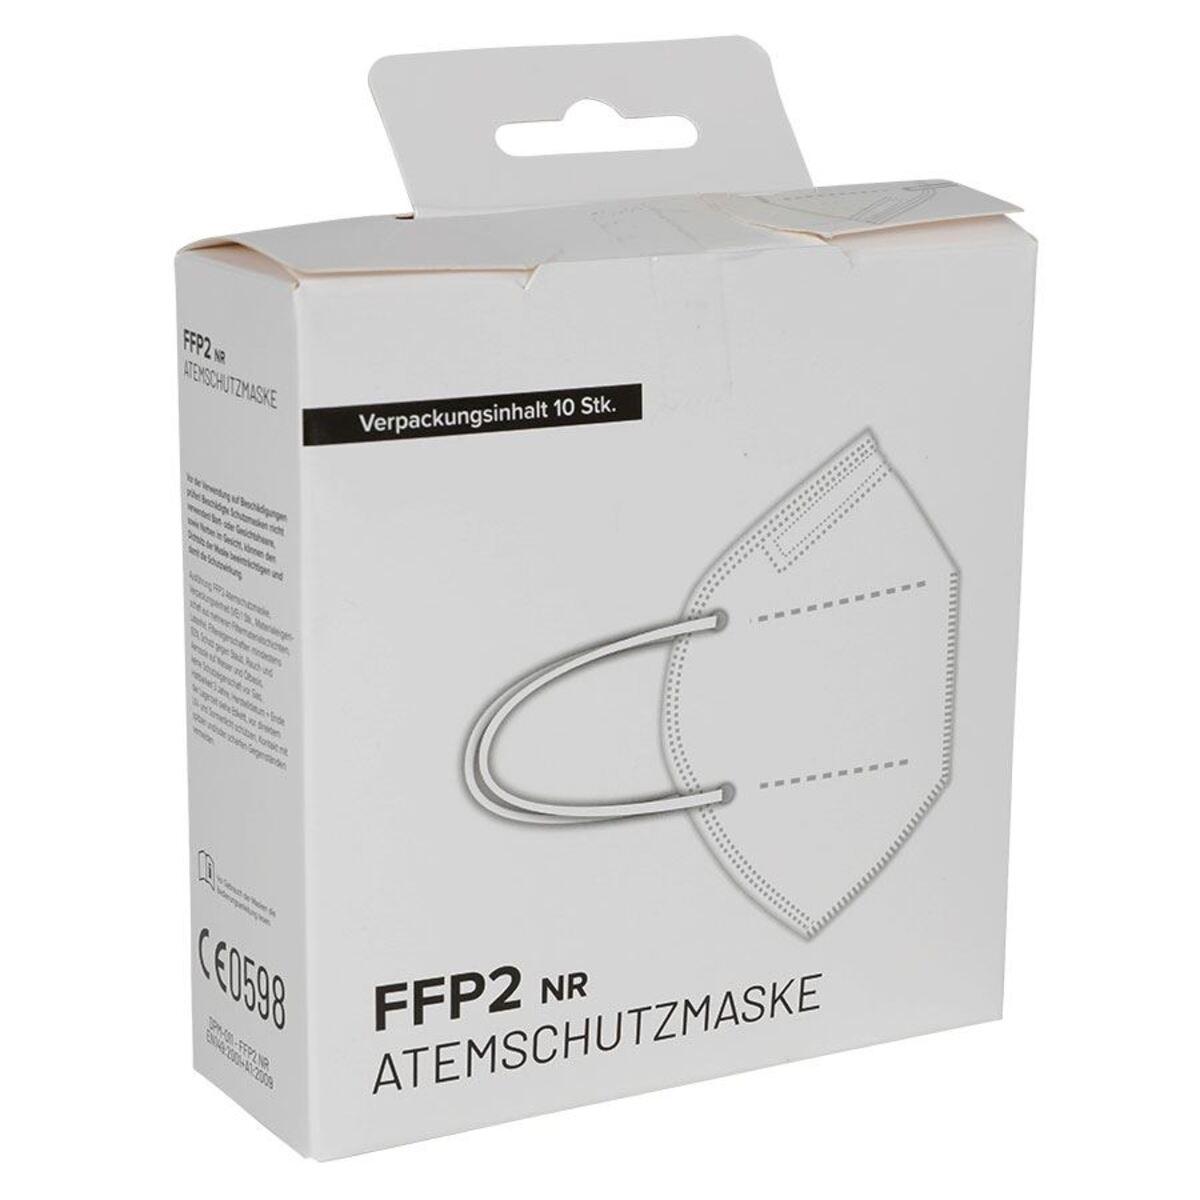 Bild 4 von Einweg Atemschutzmaske FFP2 10 Stück